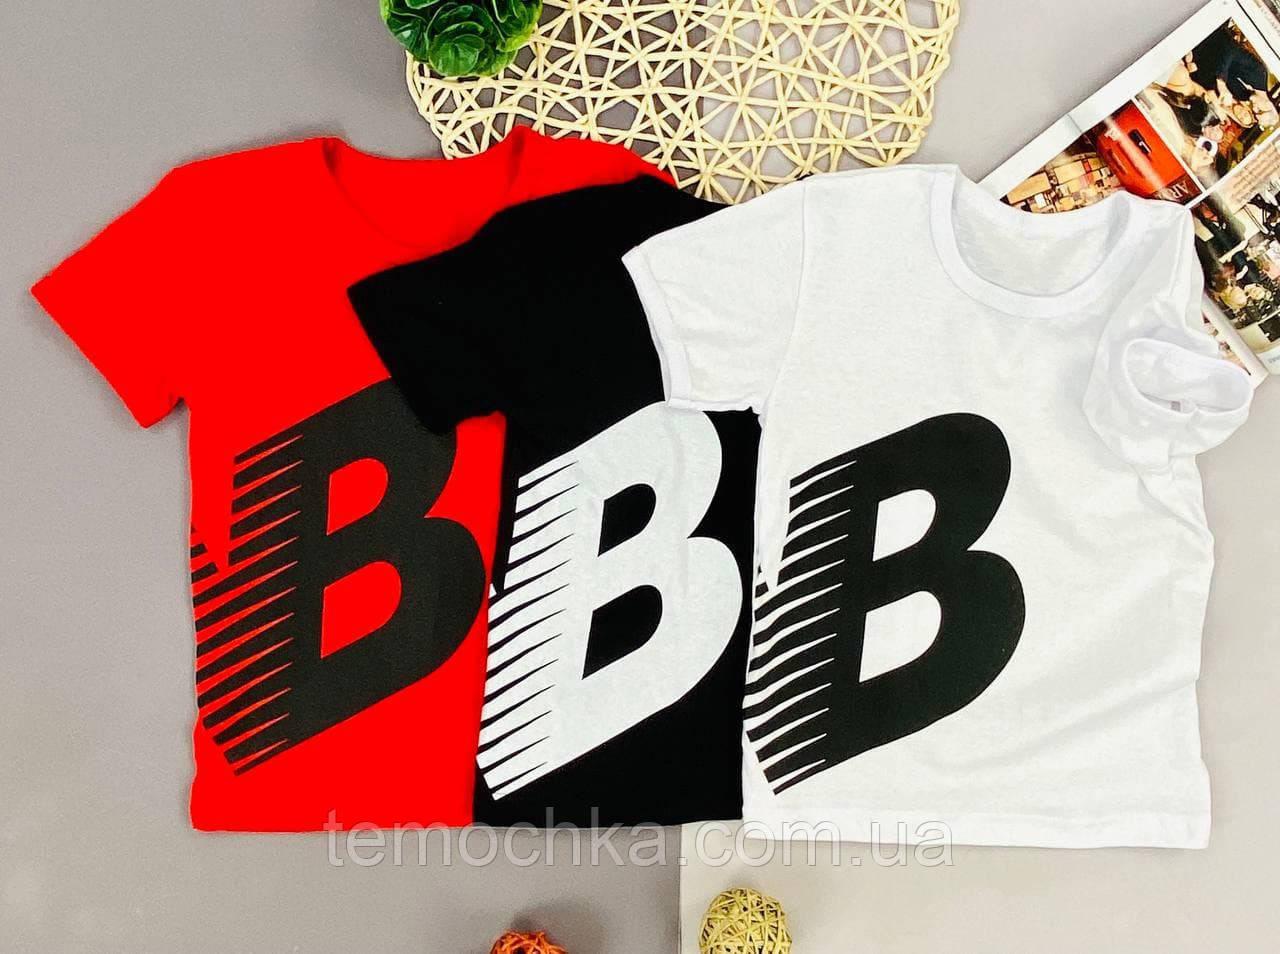 Стильна футболка на літо для хлопчика або дівчинки Нью Беланс